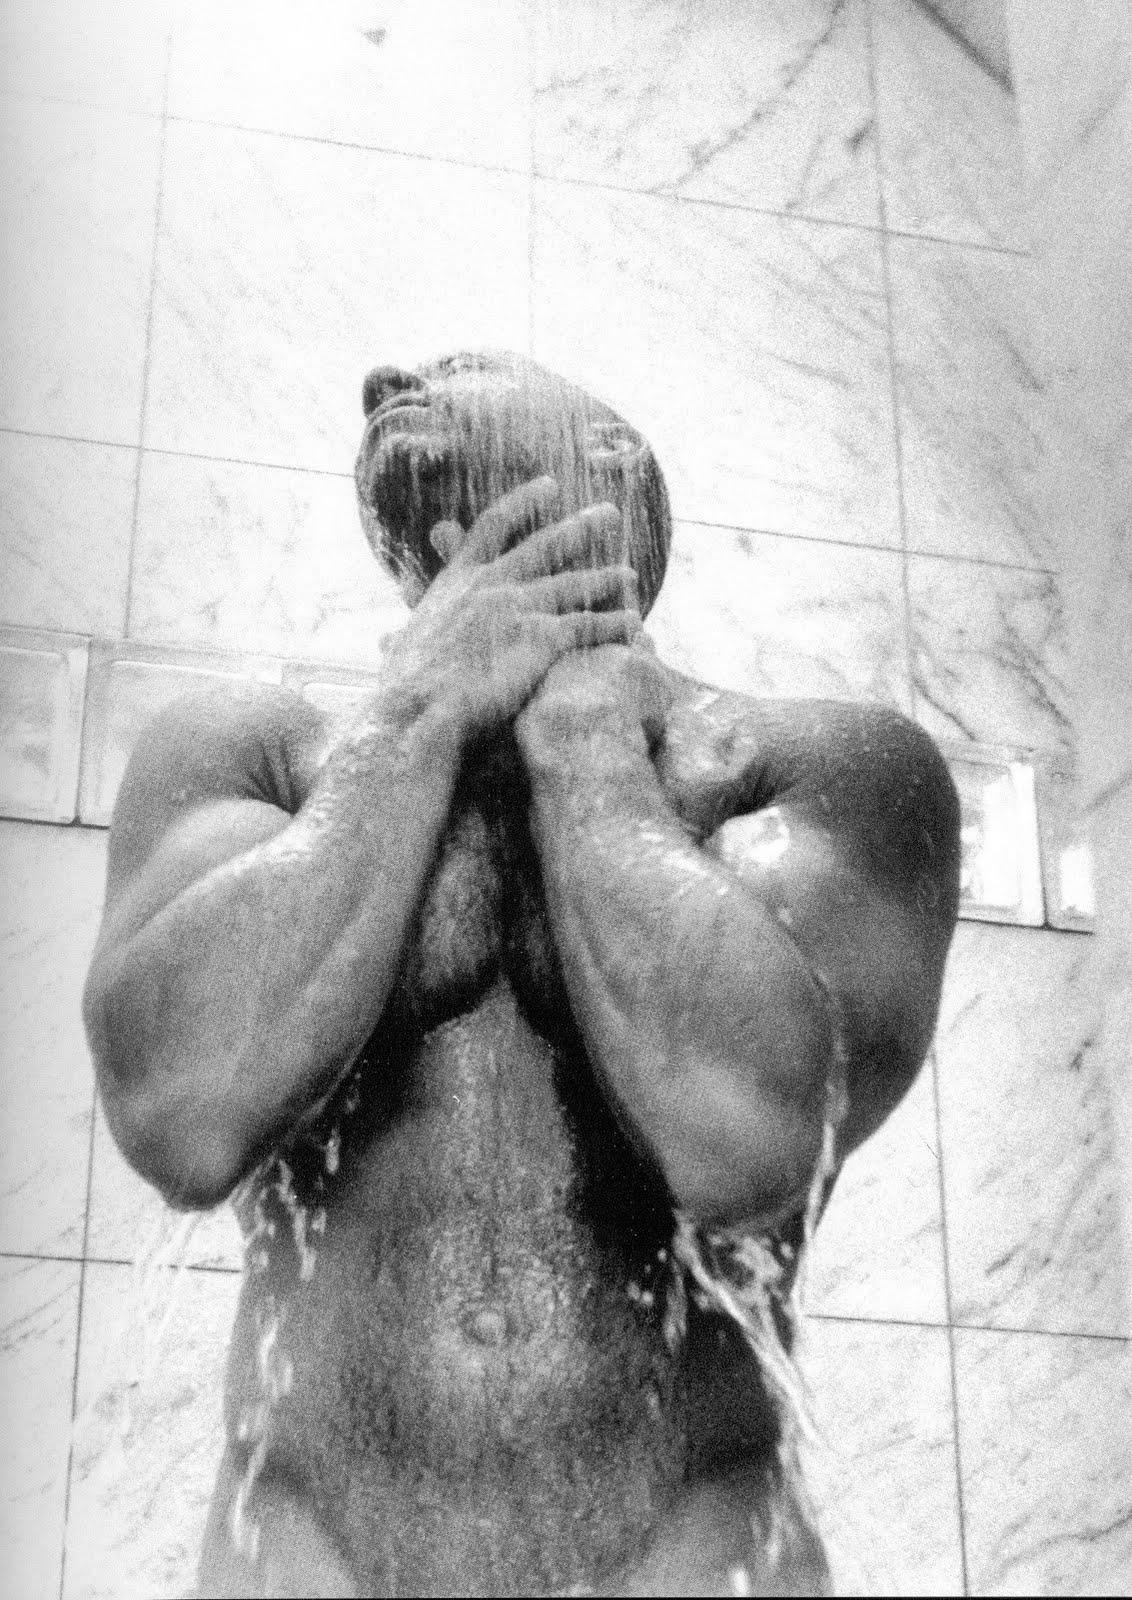 Фото стаса пьехи голый торс 21 фотография